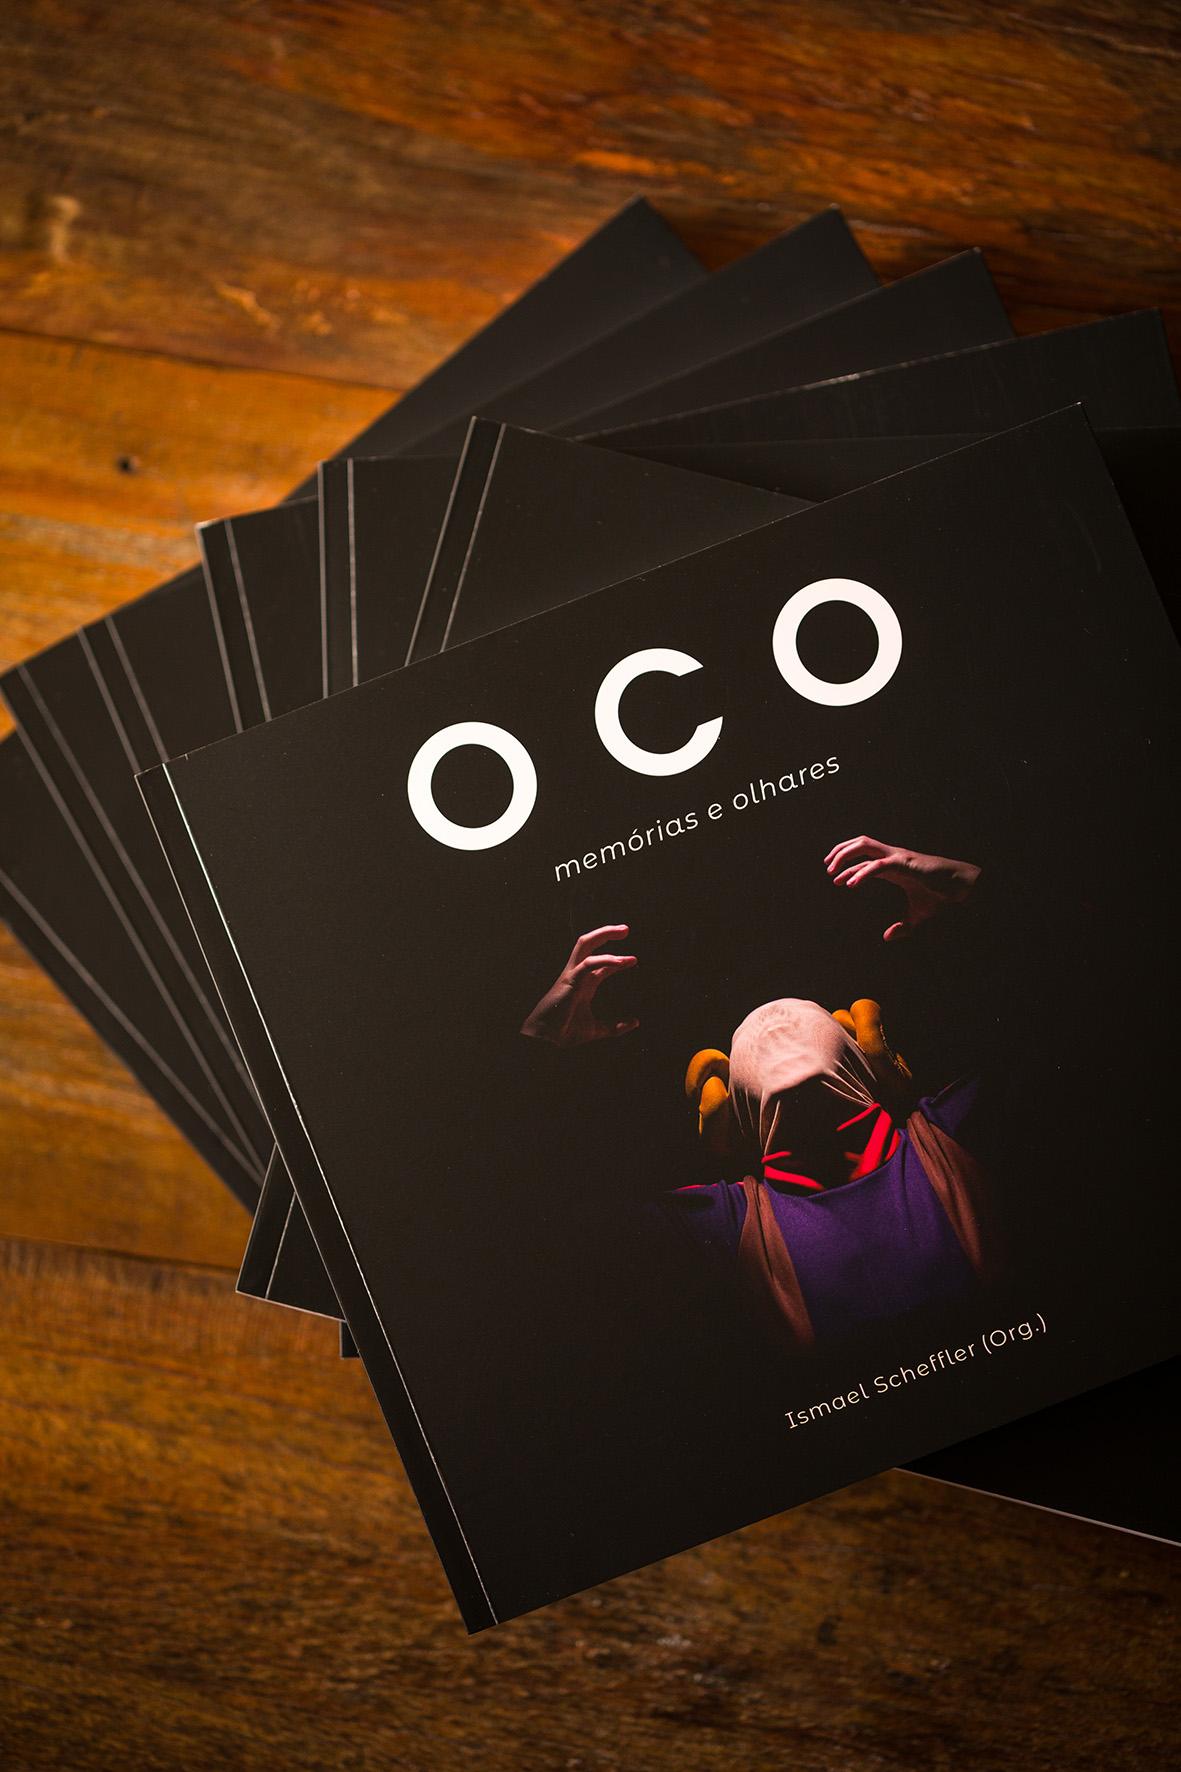 Oco-Livro-2